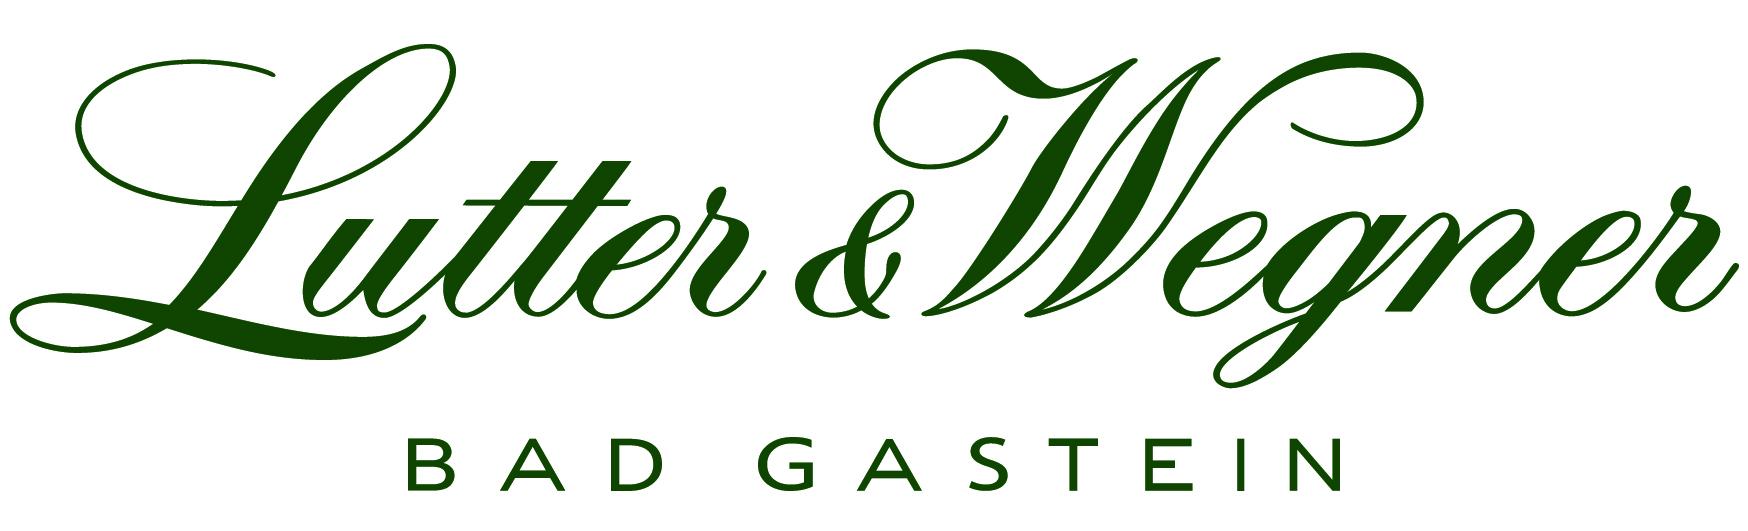 L&W BadGastein_logo